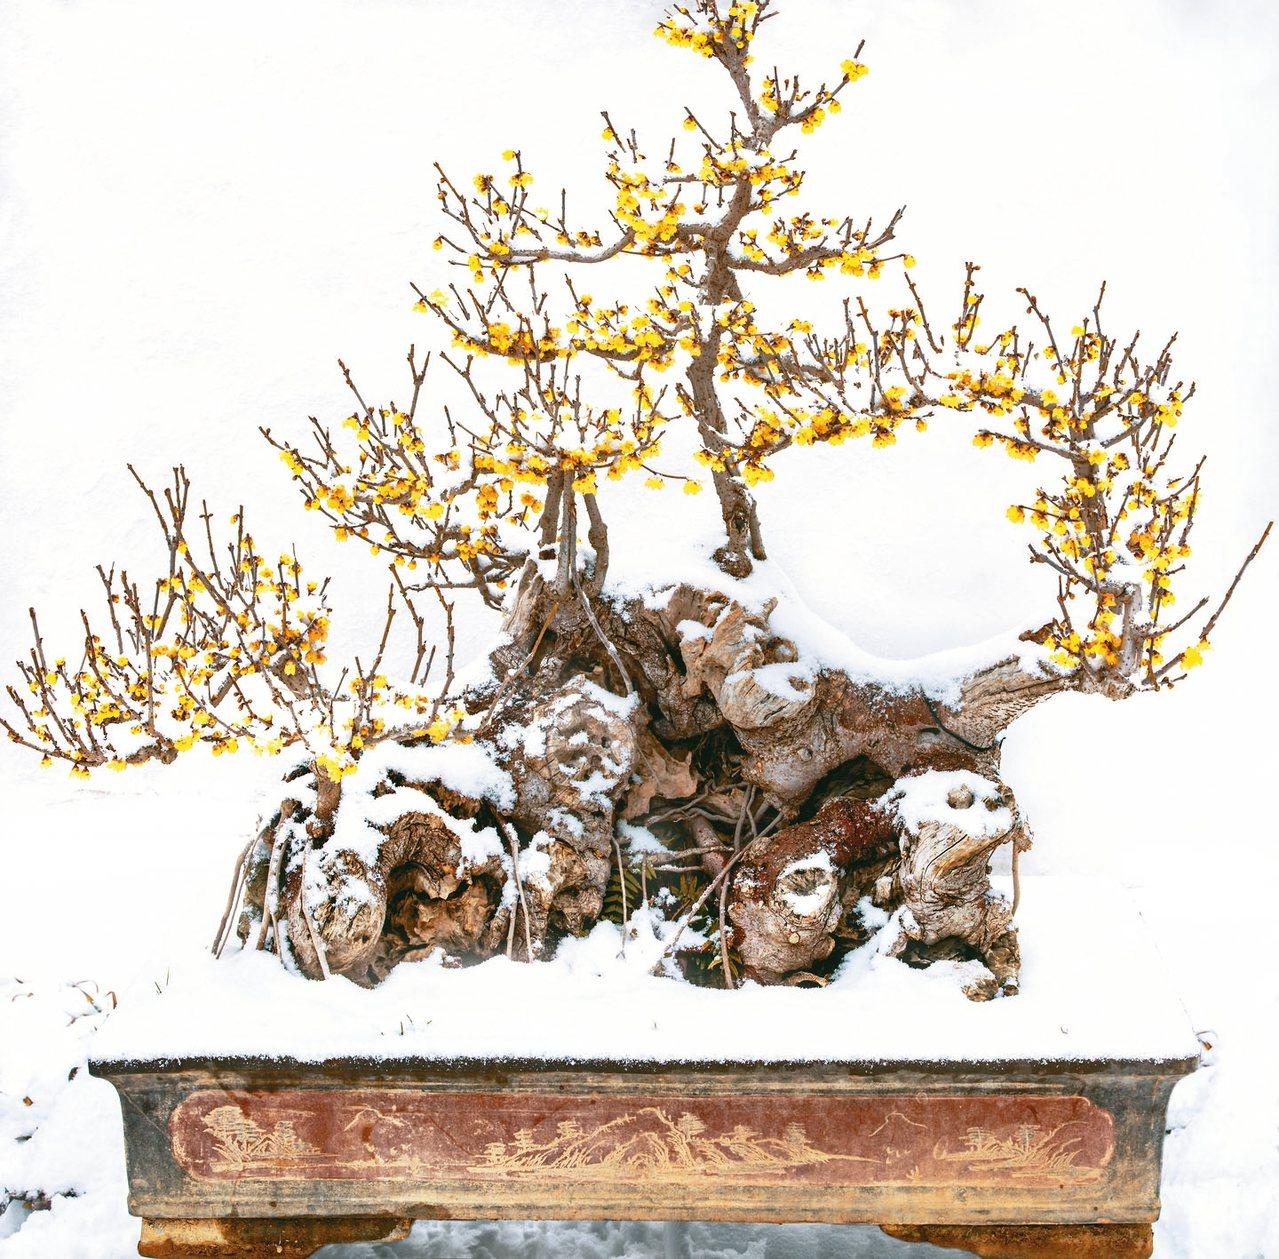 鄢陵古樁蠟梅盆景,笑傲霜雪。 圖/本報許昌傳真